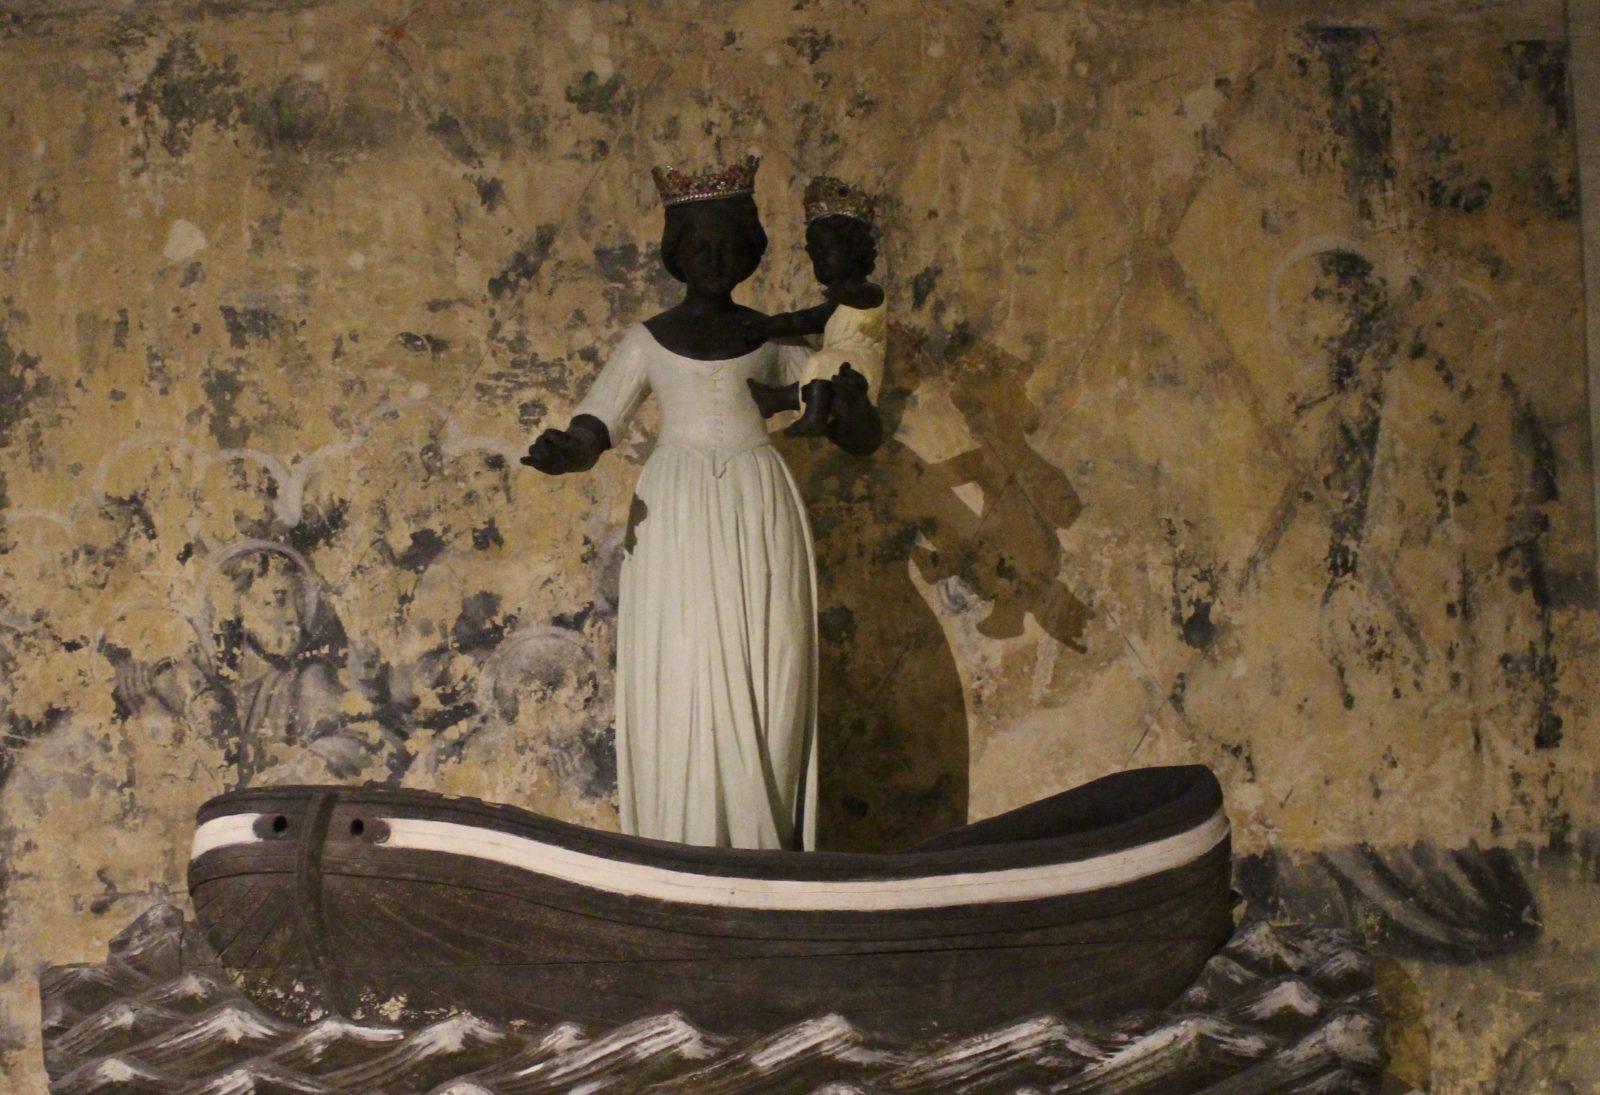 Boulogne-sur-Mer crypte Vierge noire avec enfant dans barque